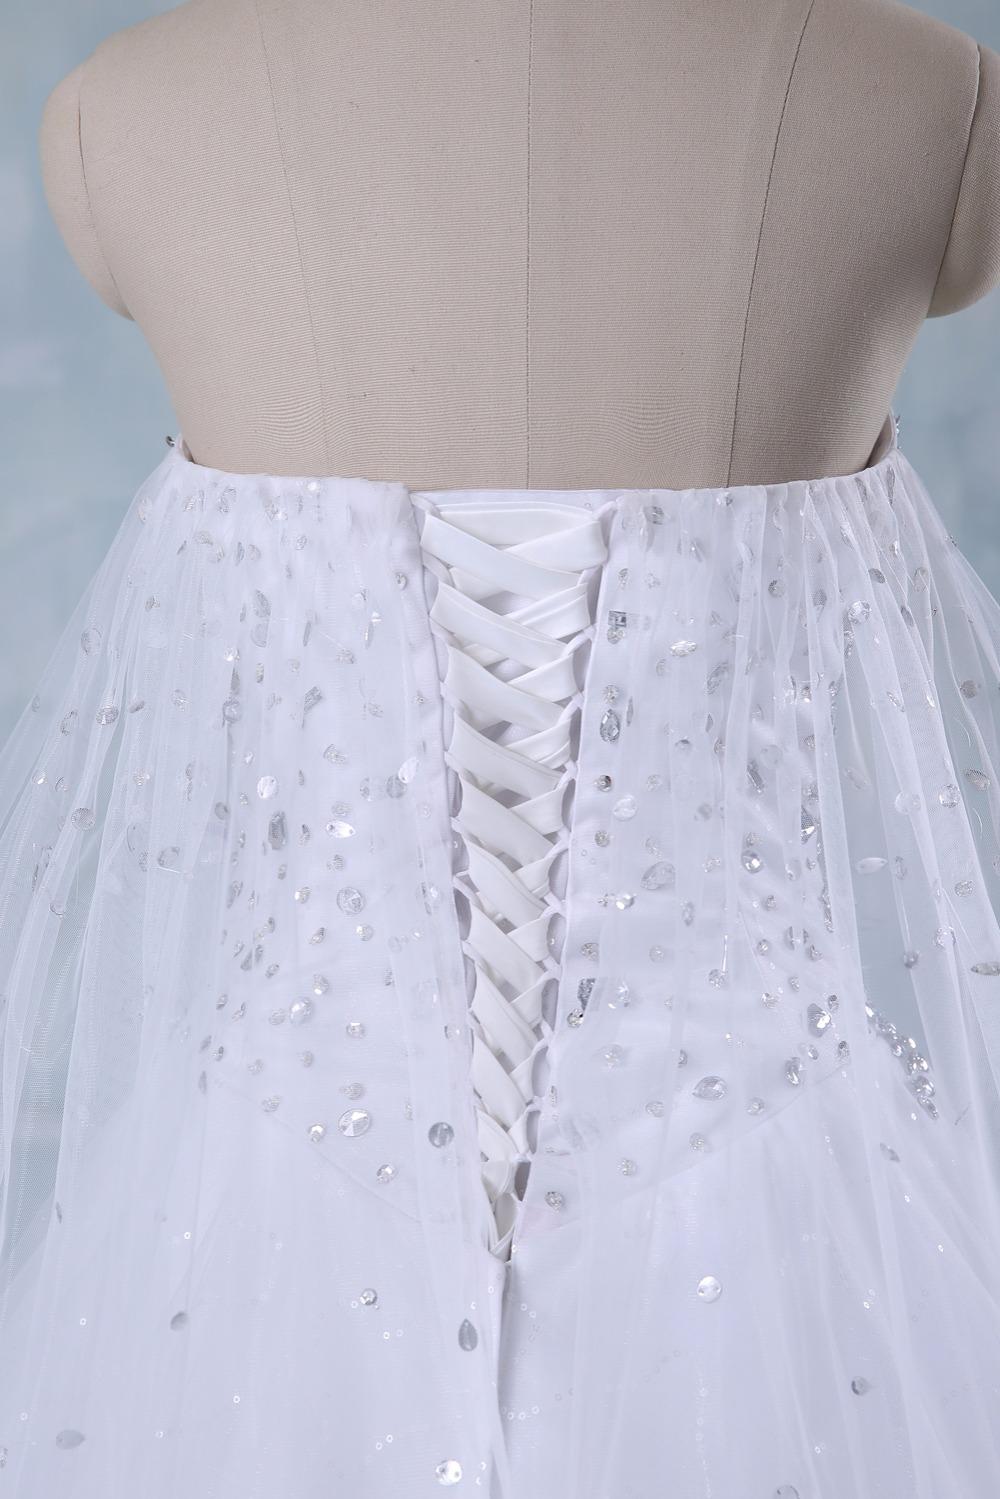 новый бинты топ со стразами роскошные торжественные платья свадебное платье vestido де noiva x71101